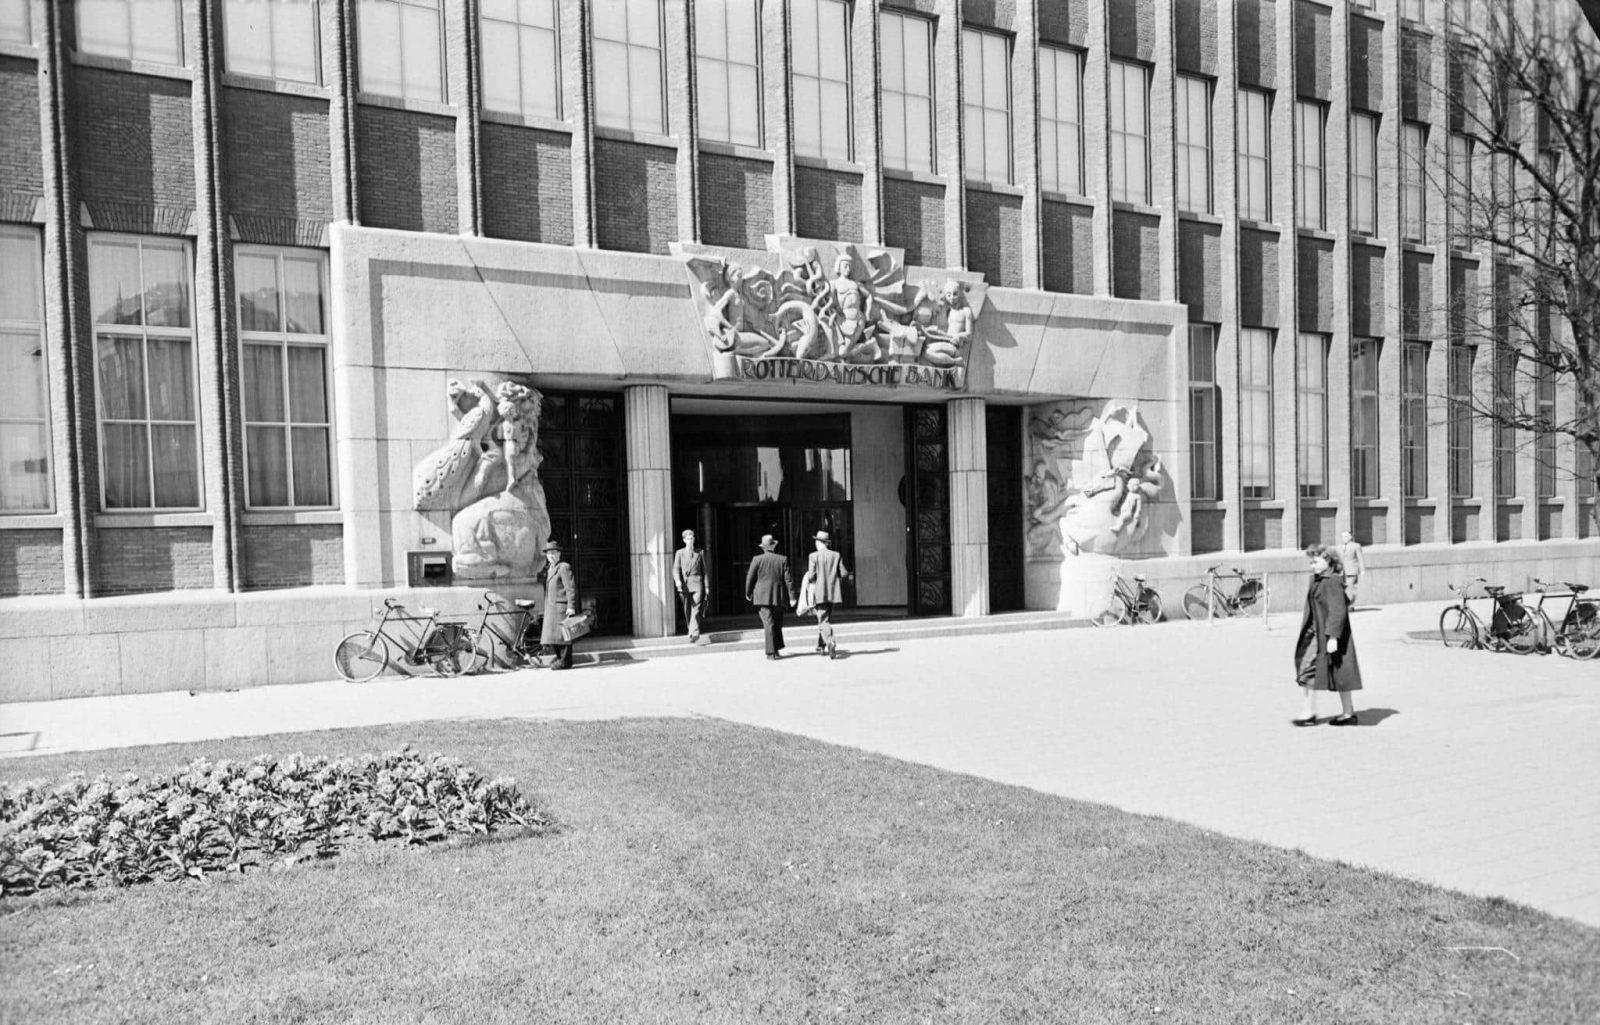 Rotterdamse Bank 4